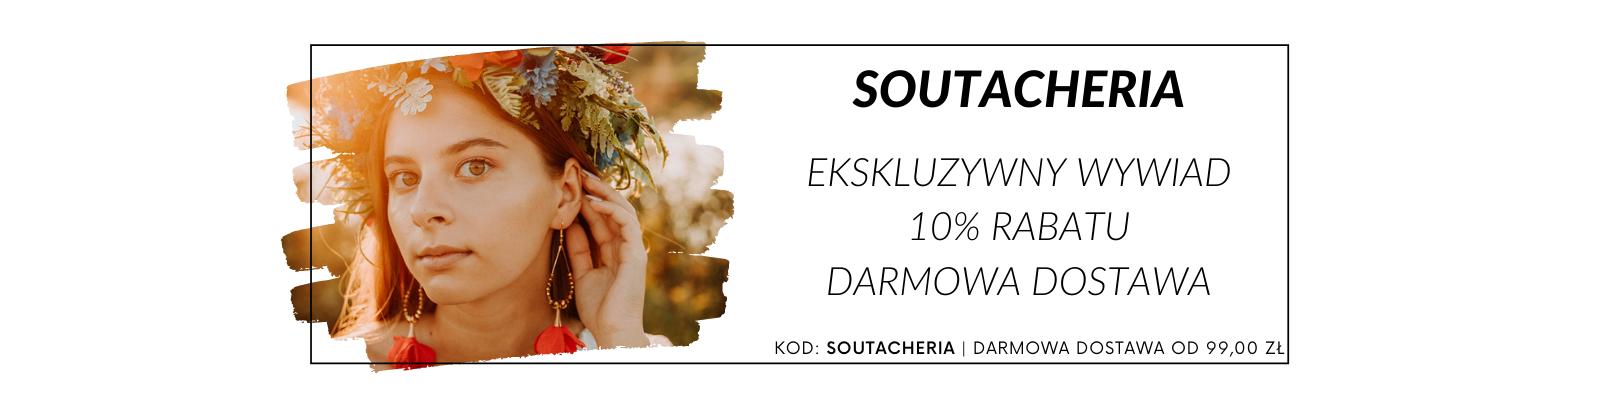 Soutacheria - ekskluzywny wywiad, promocja i darmowa dostawa!